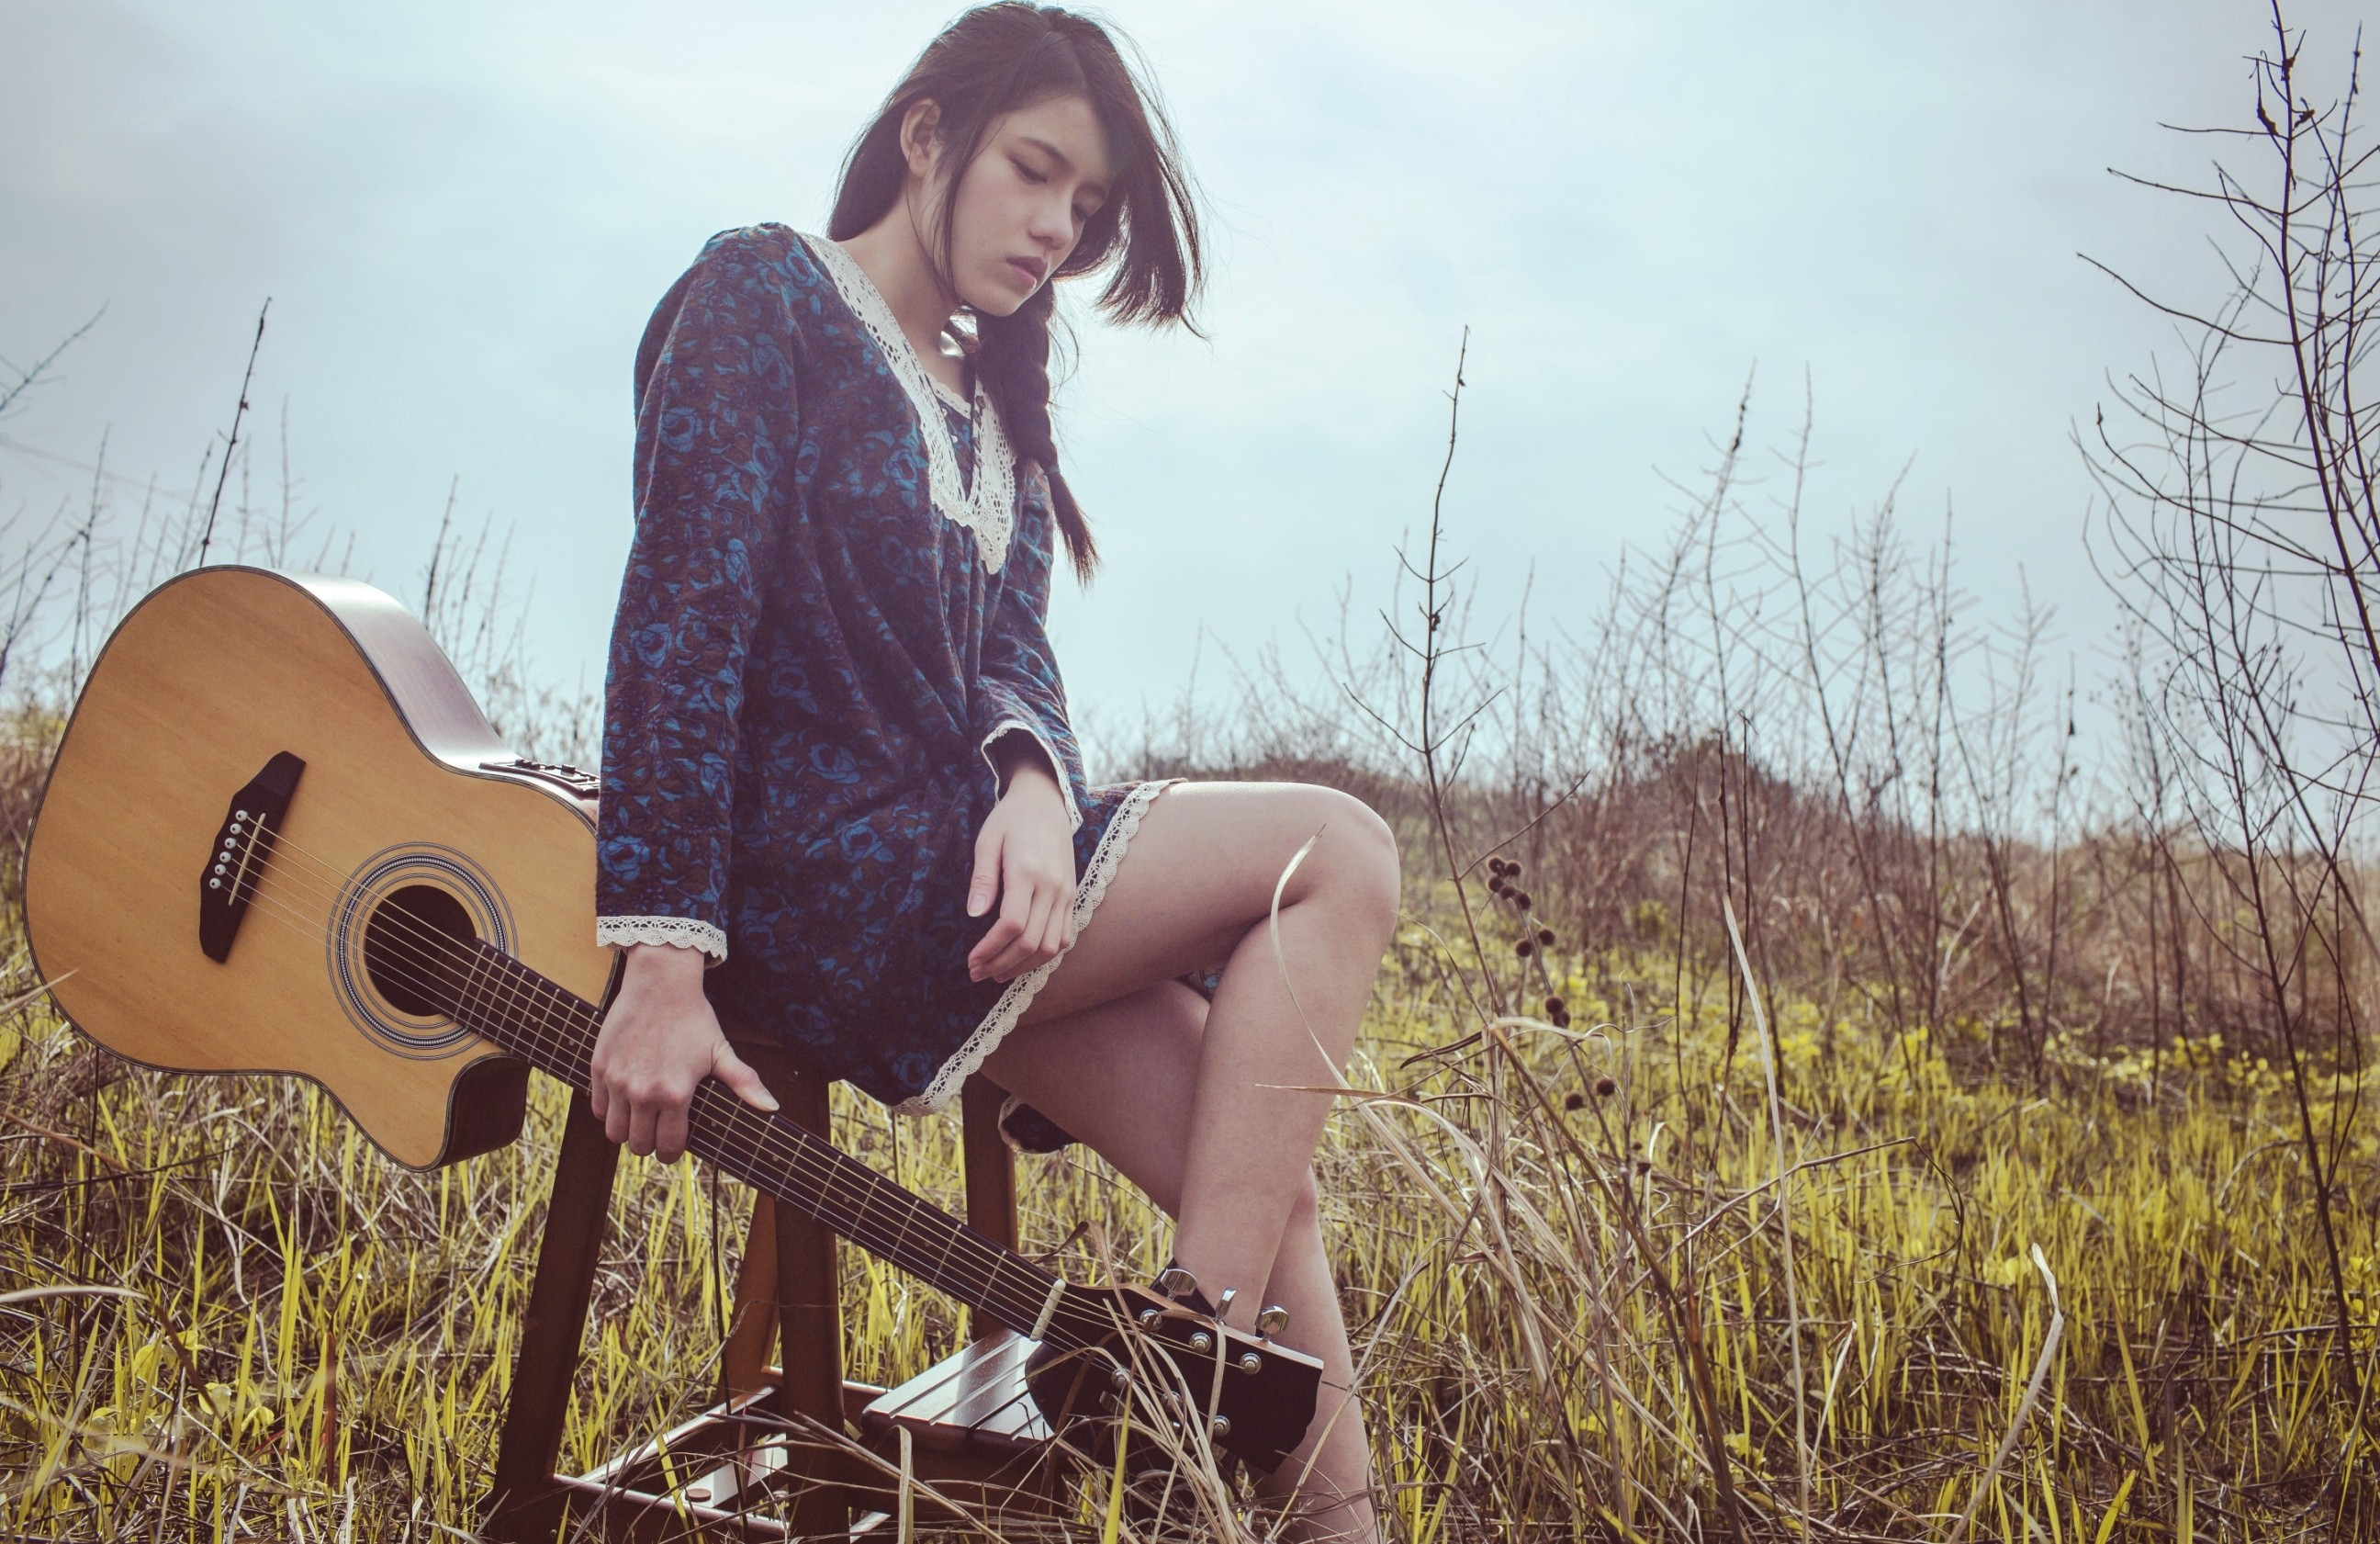 women guitar brunette asian women outdoors